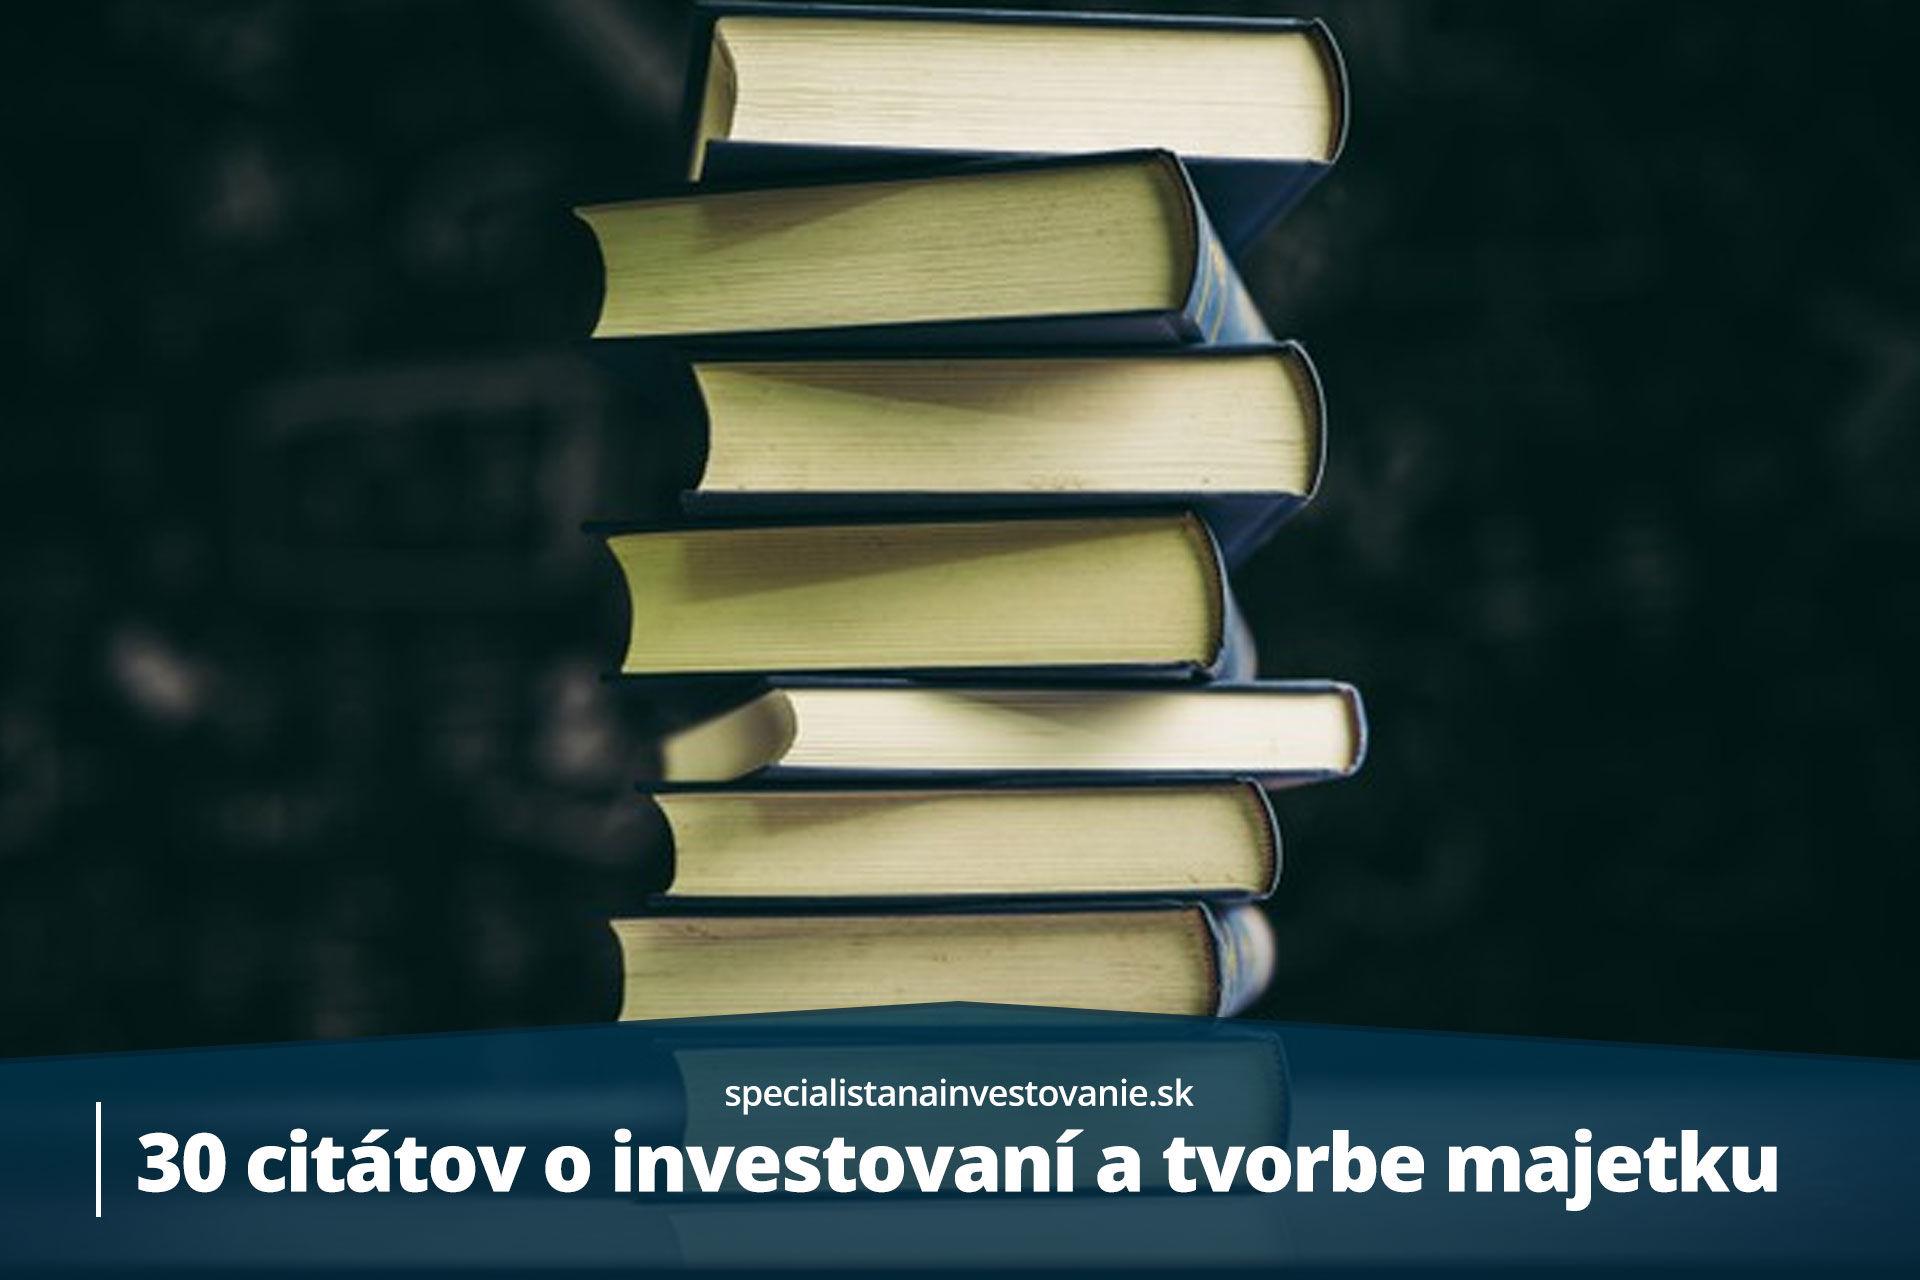 citáty o investovaní